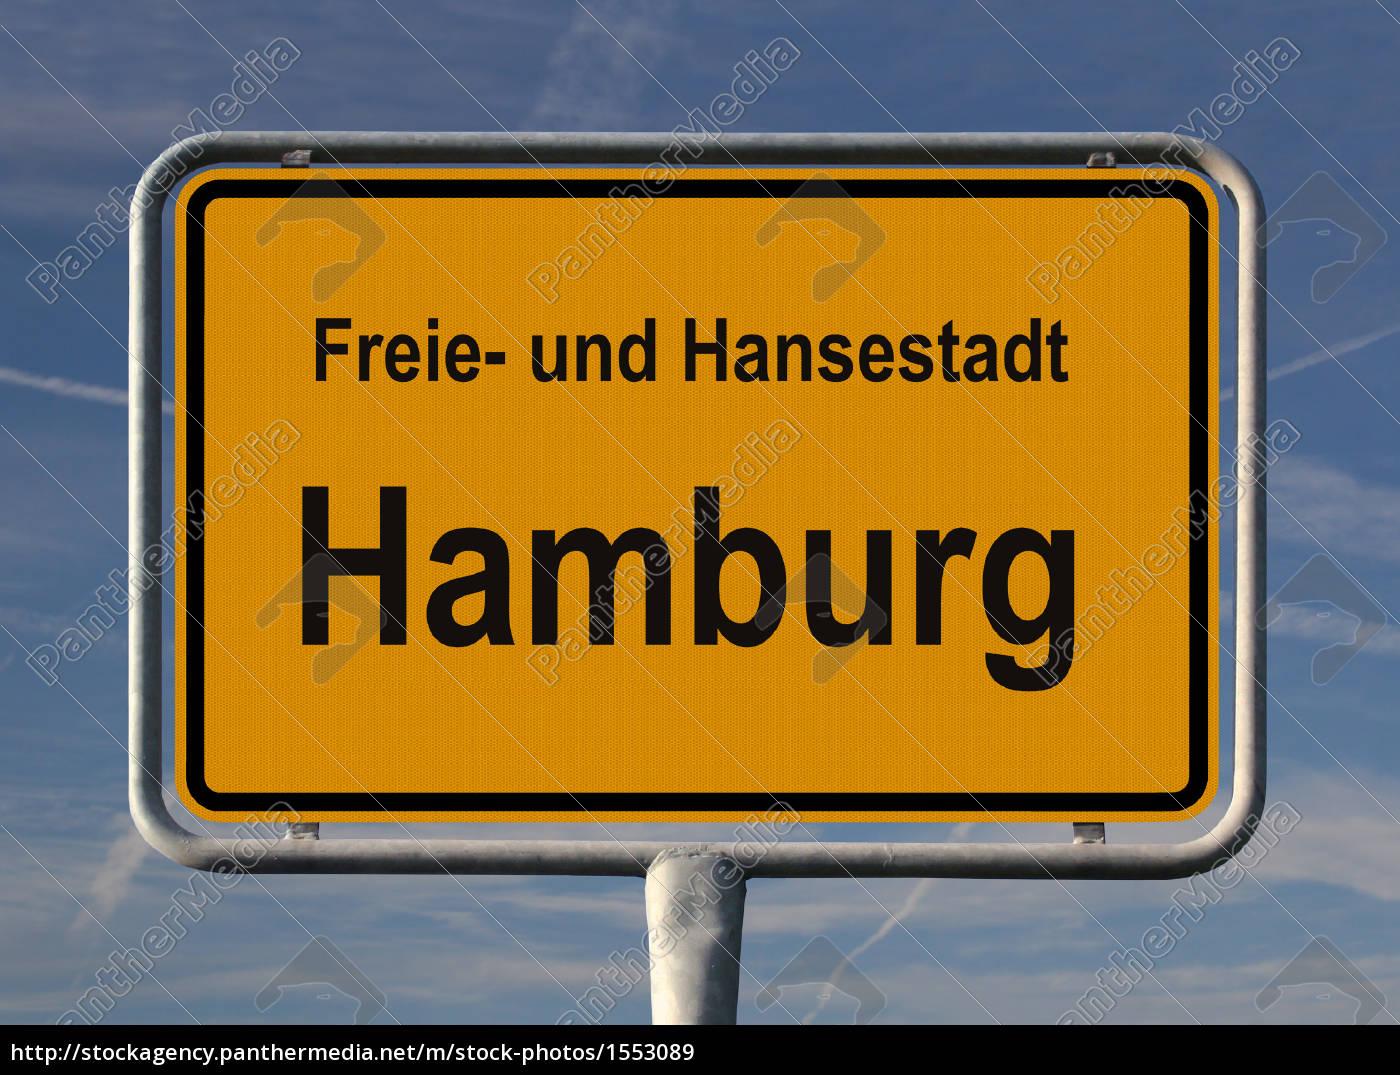 ortsschild freie und hansestadt hamburg lizenzfreies bild 1553089 bildagentur panthermedia. Black Bedroom Furniture Sets. Home Design Ideas